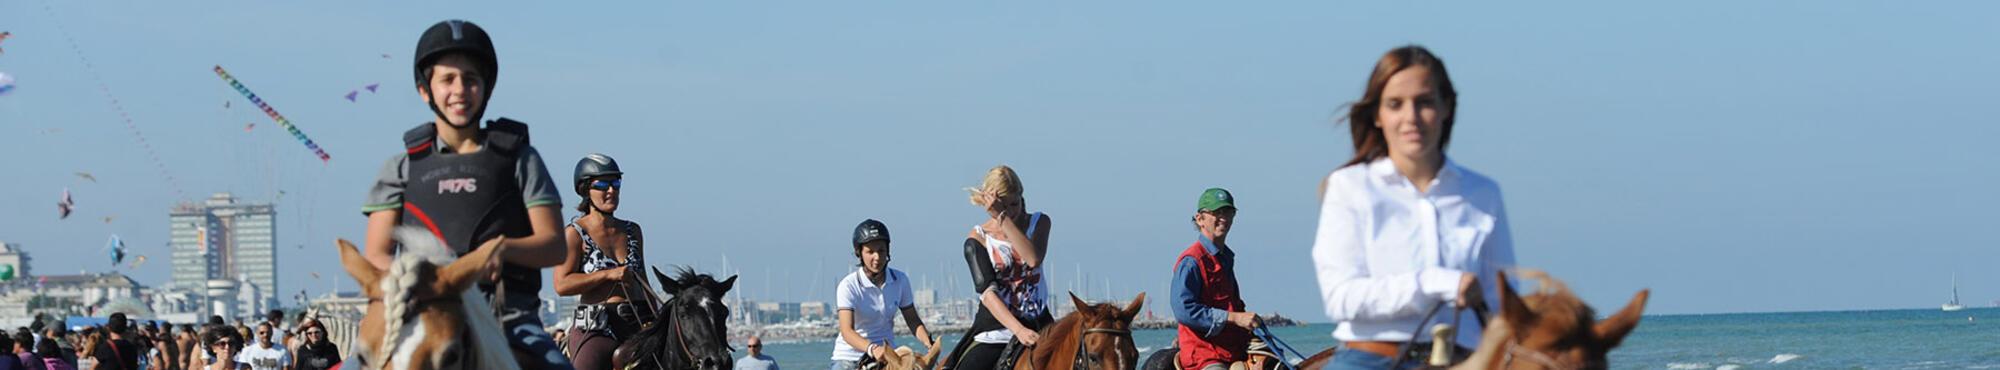 30-31 Marzo 2019 - A Cavallo del Mare - Rassegna Equestre ed. Primavera